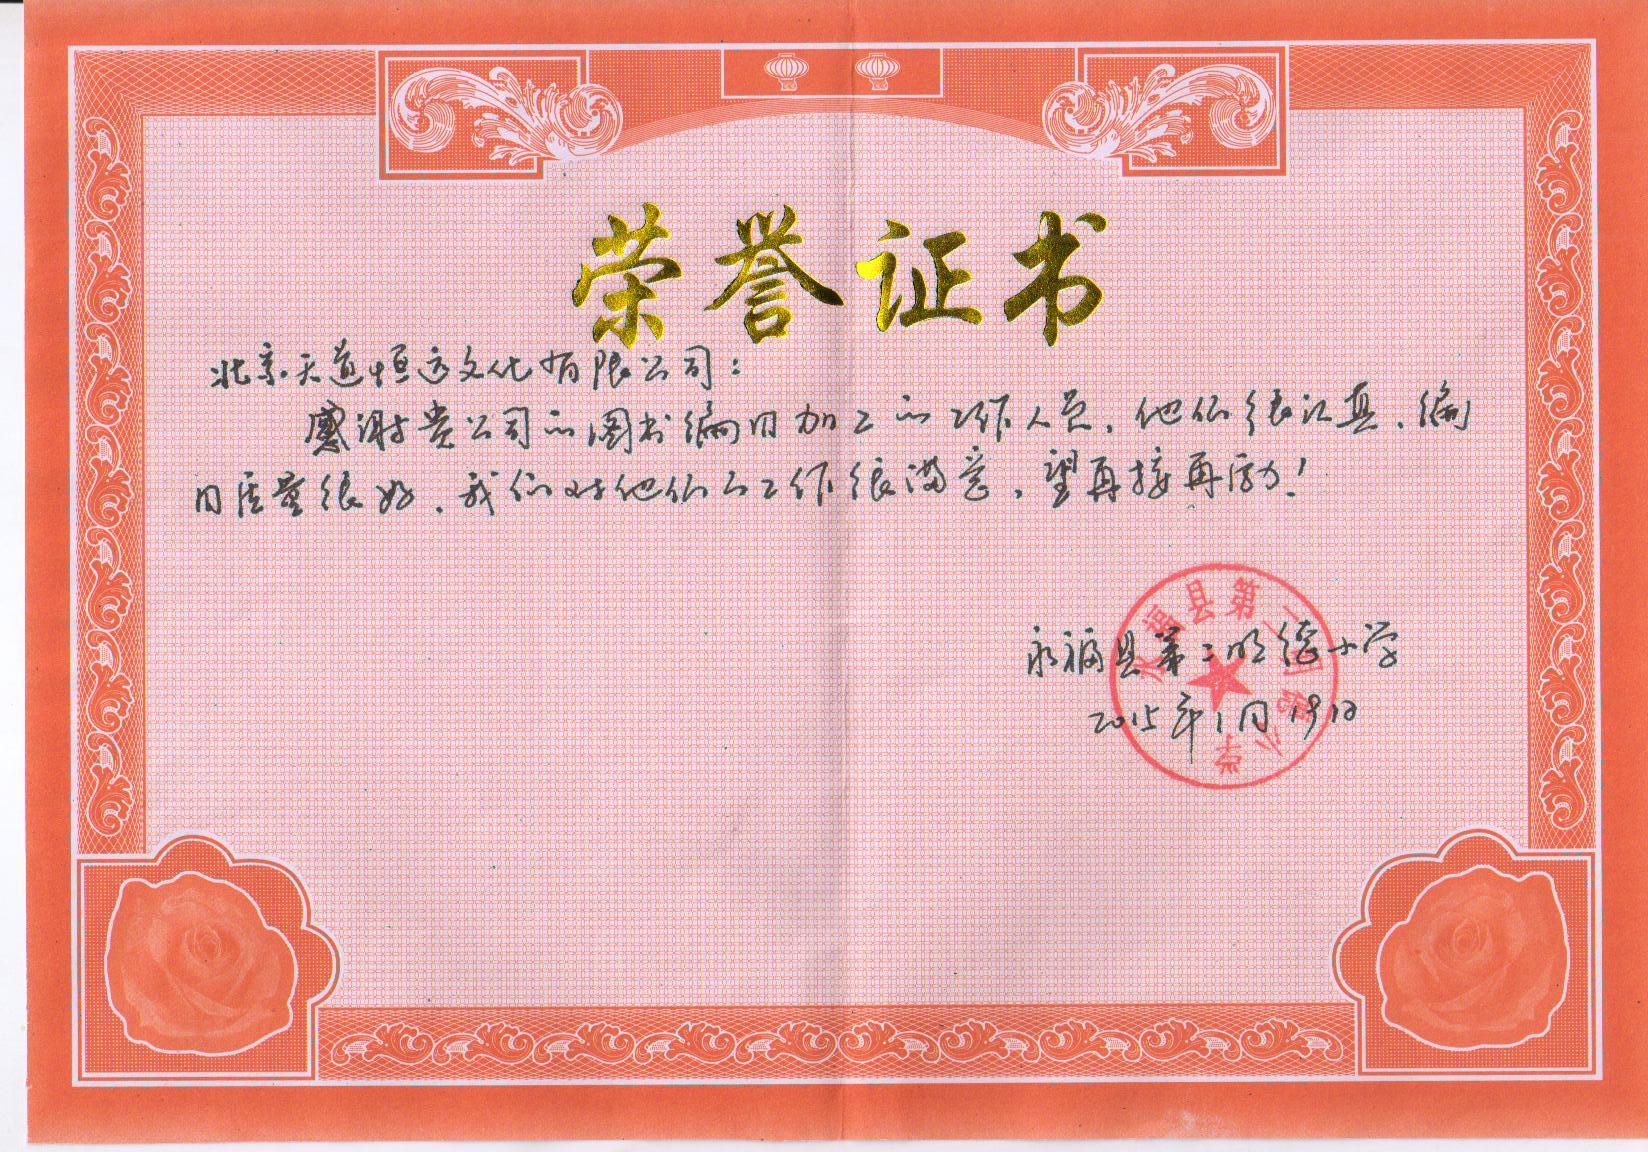 编目加工 荣誉证书